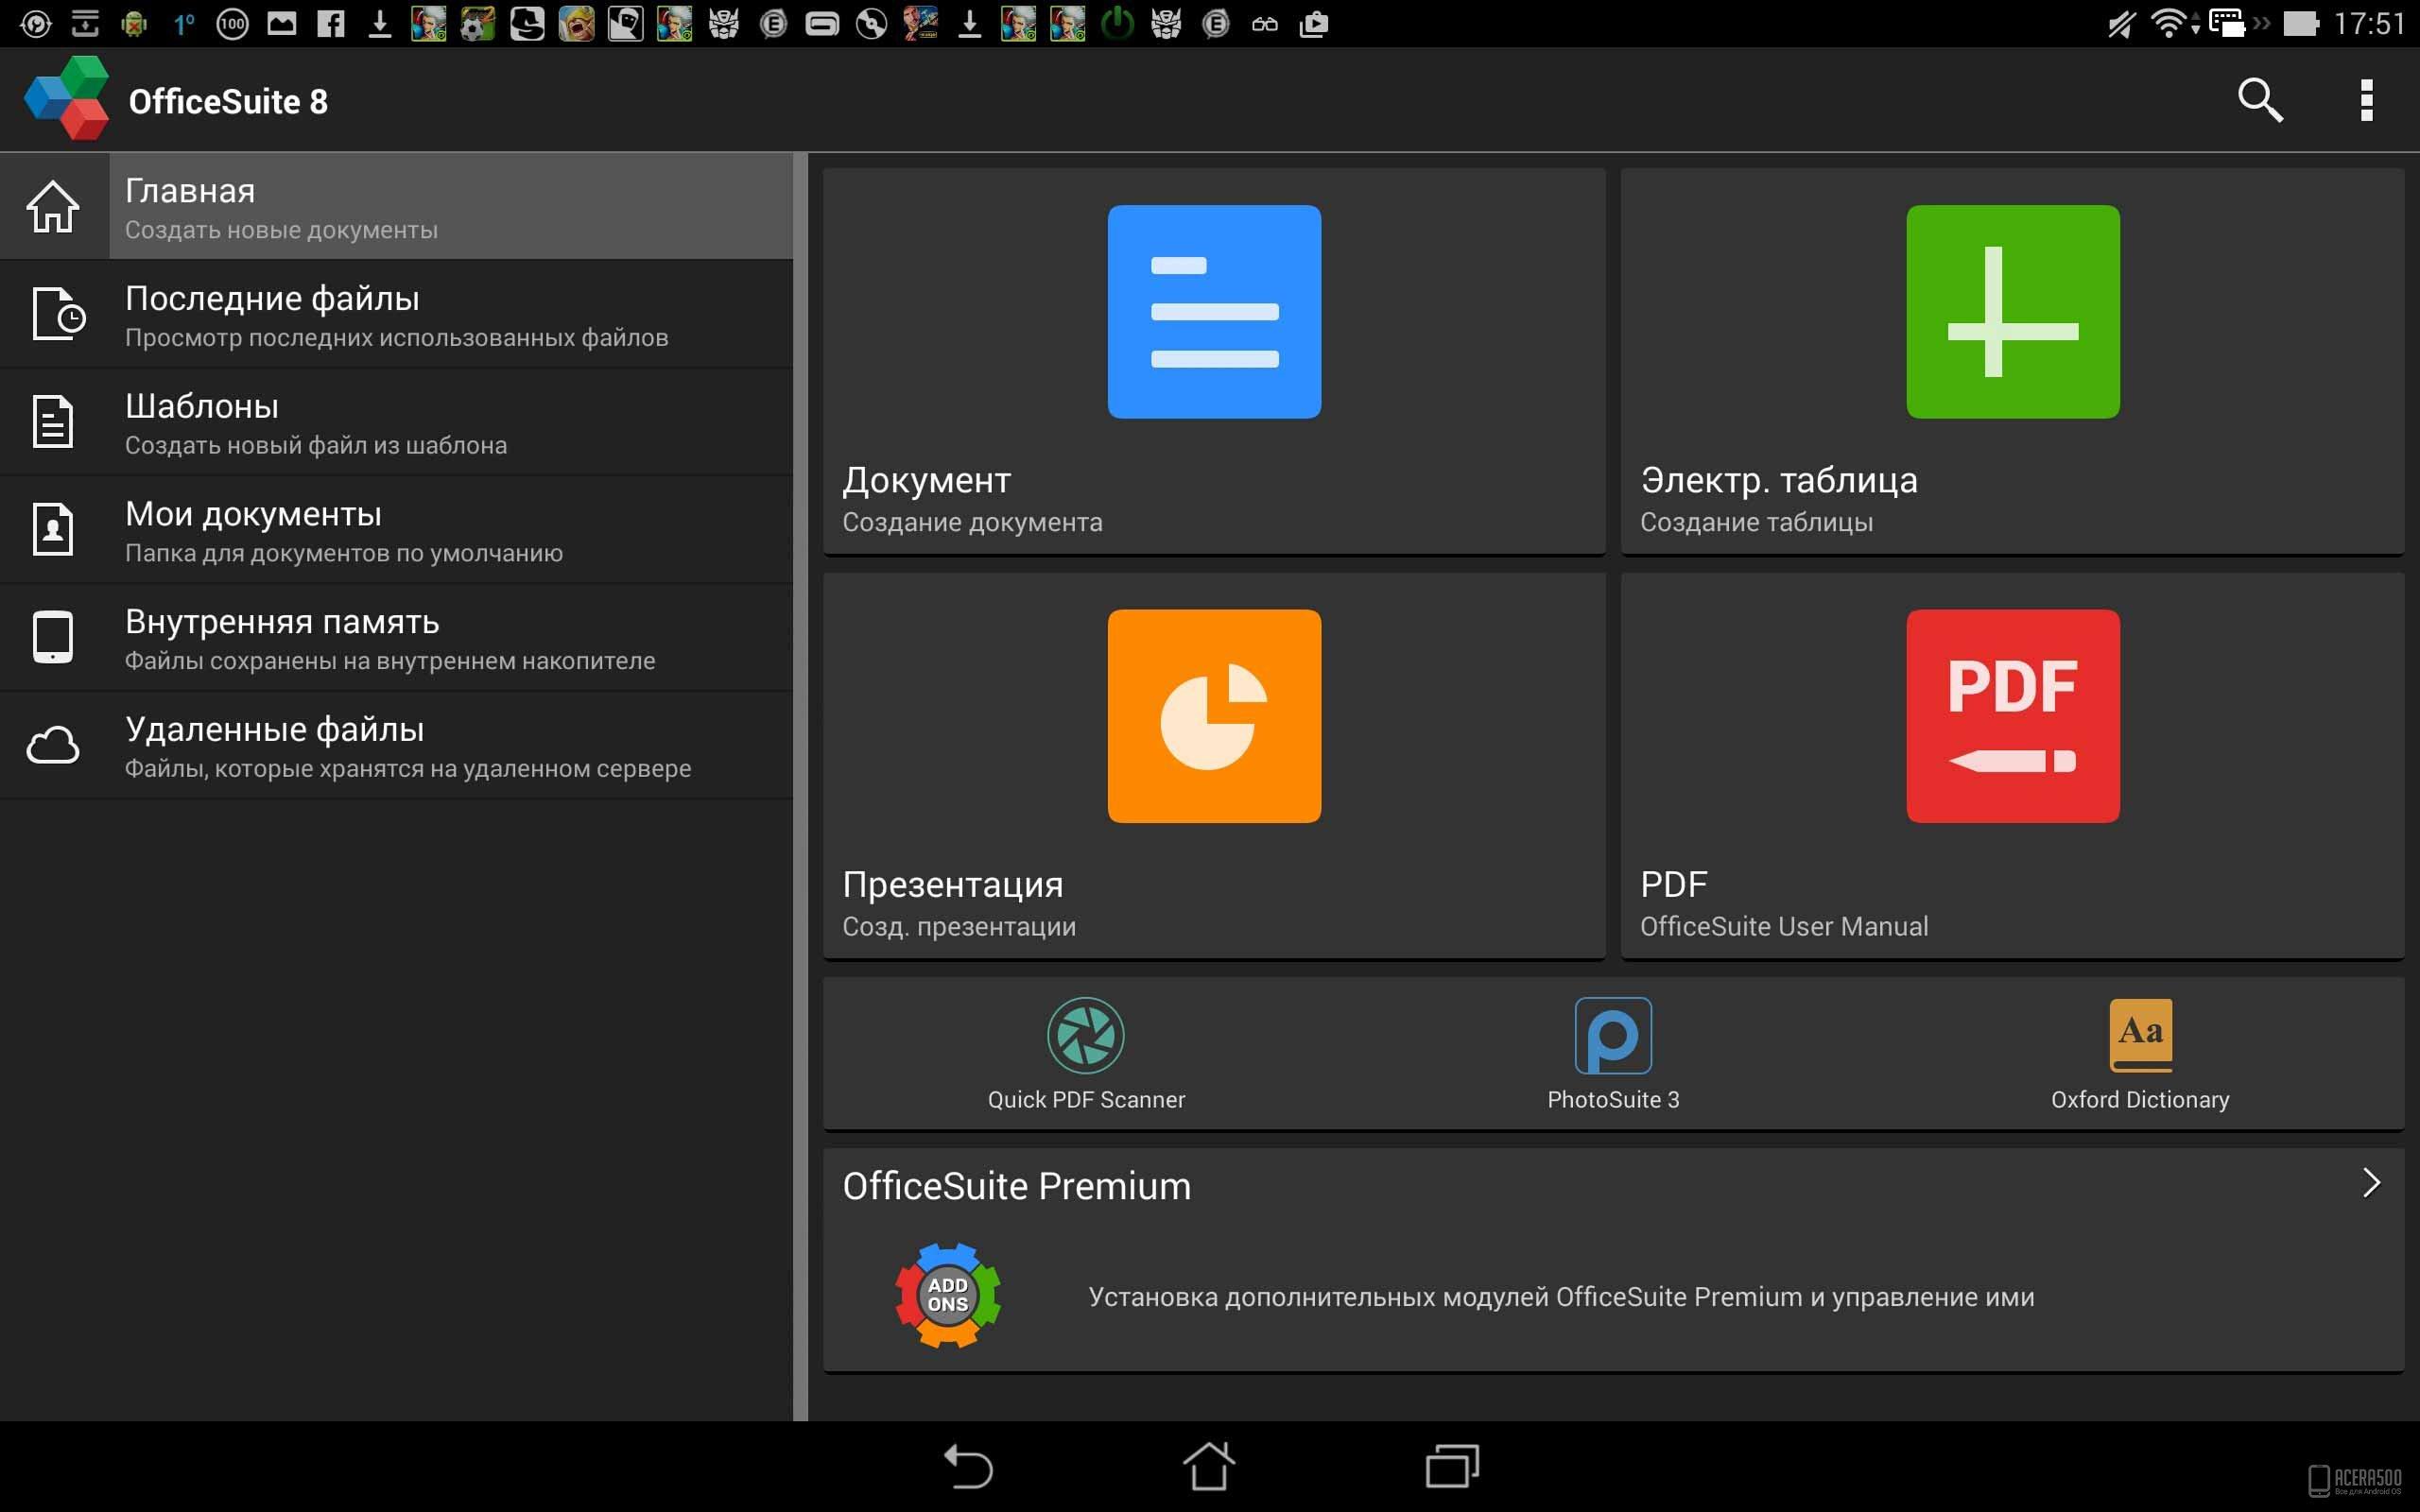 Acronis Disk Director 11 Advanced Server Torrent Download